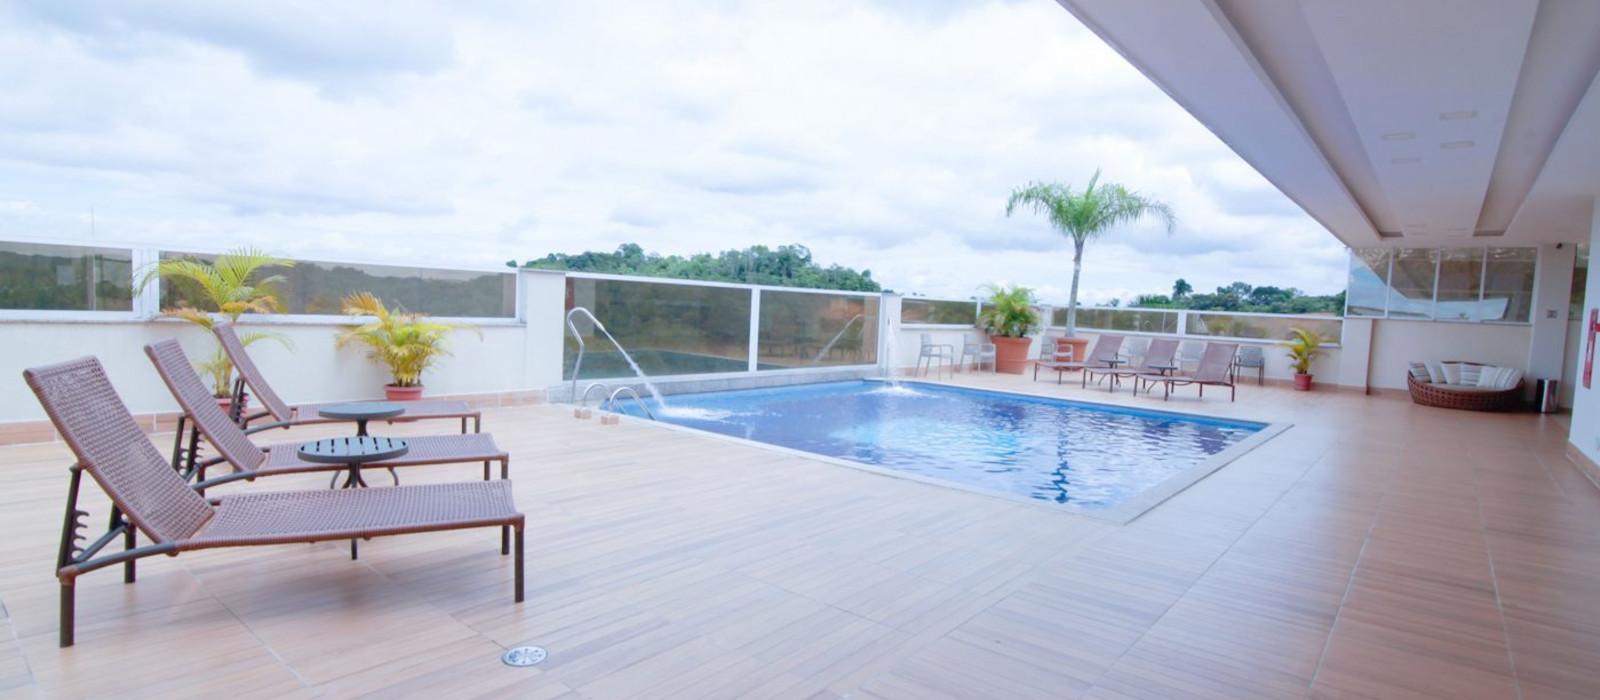 Hotel Nobile Suites Manaus Airport Brasilien